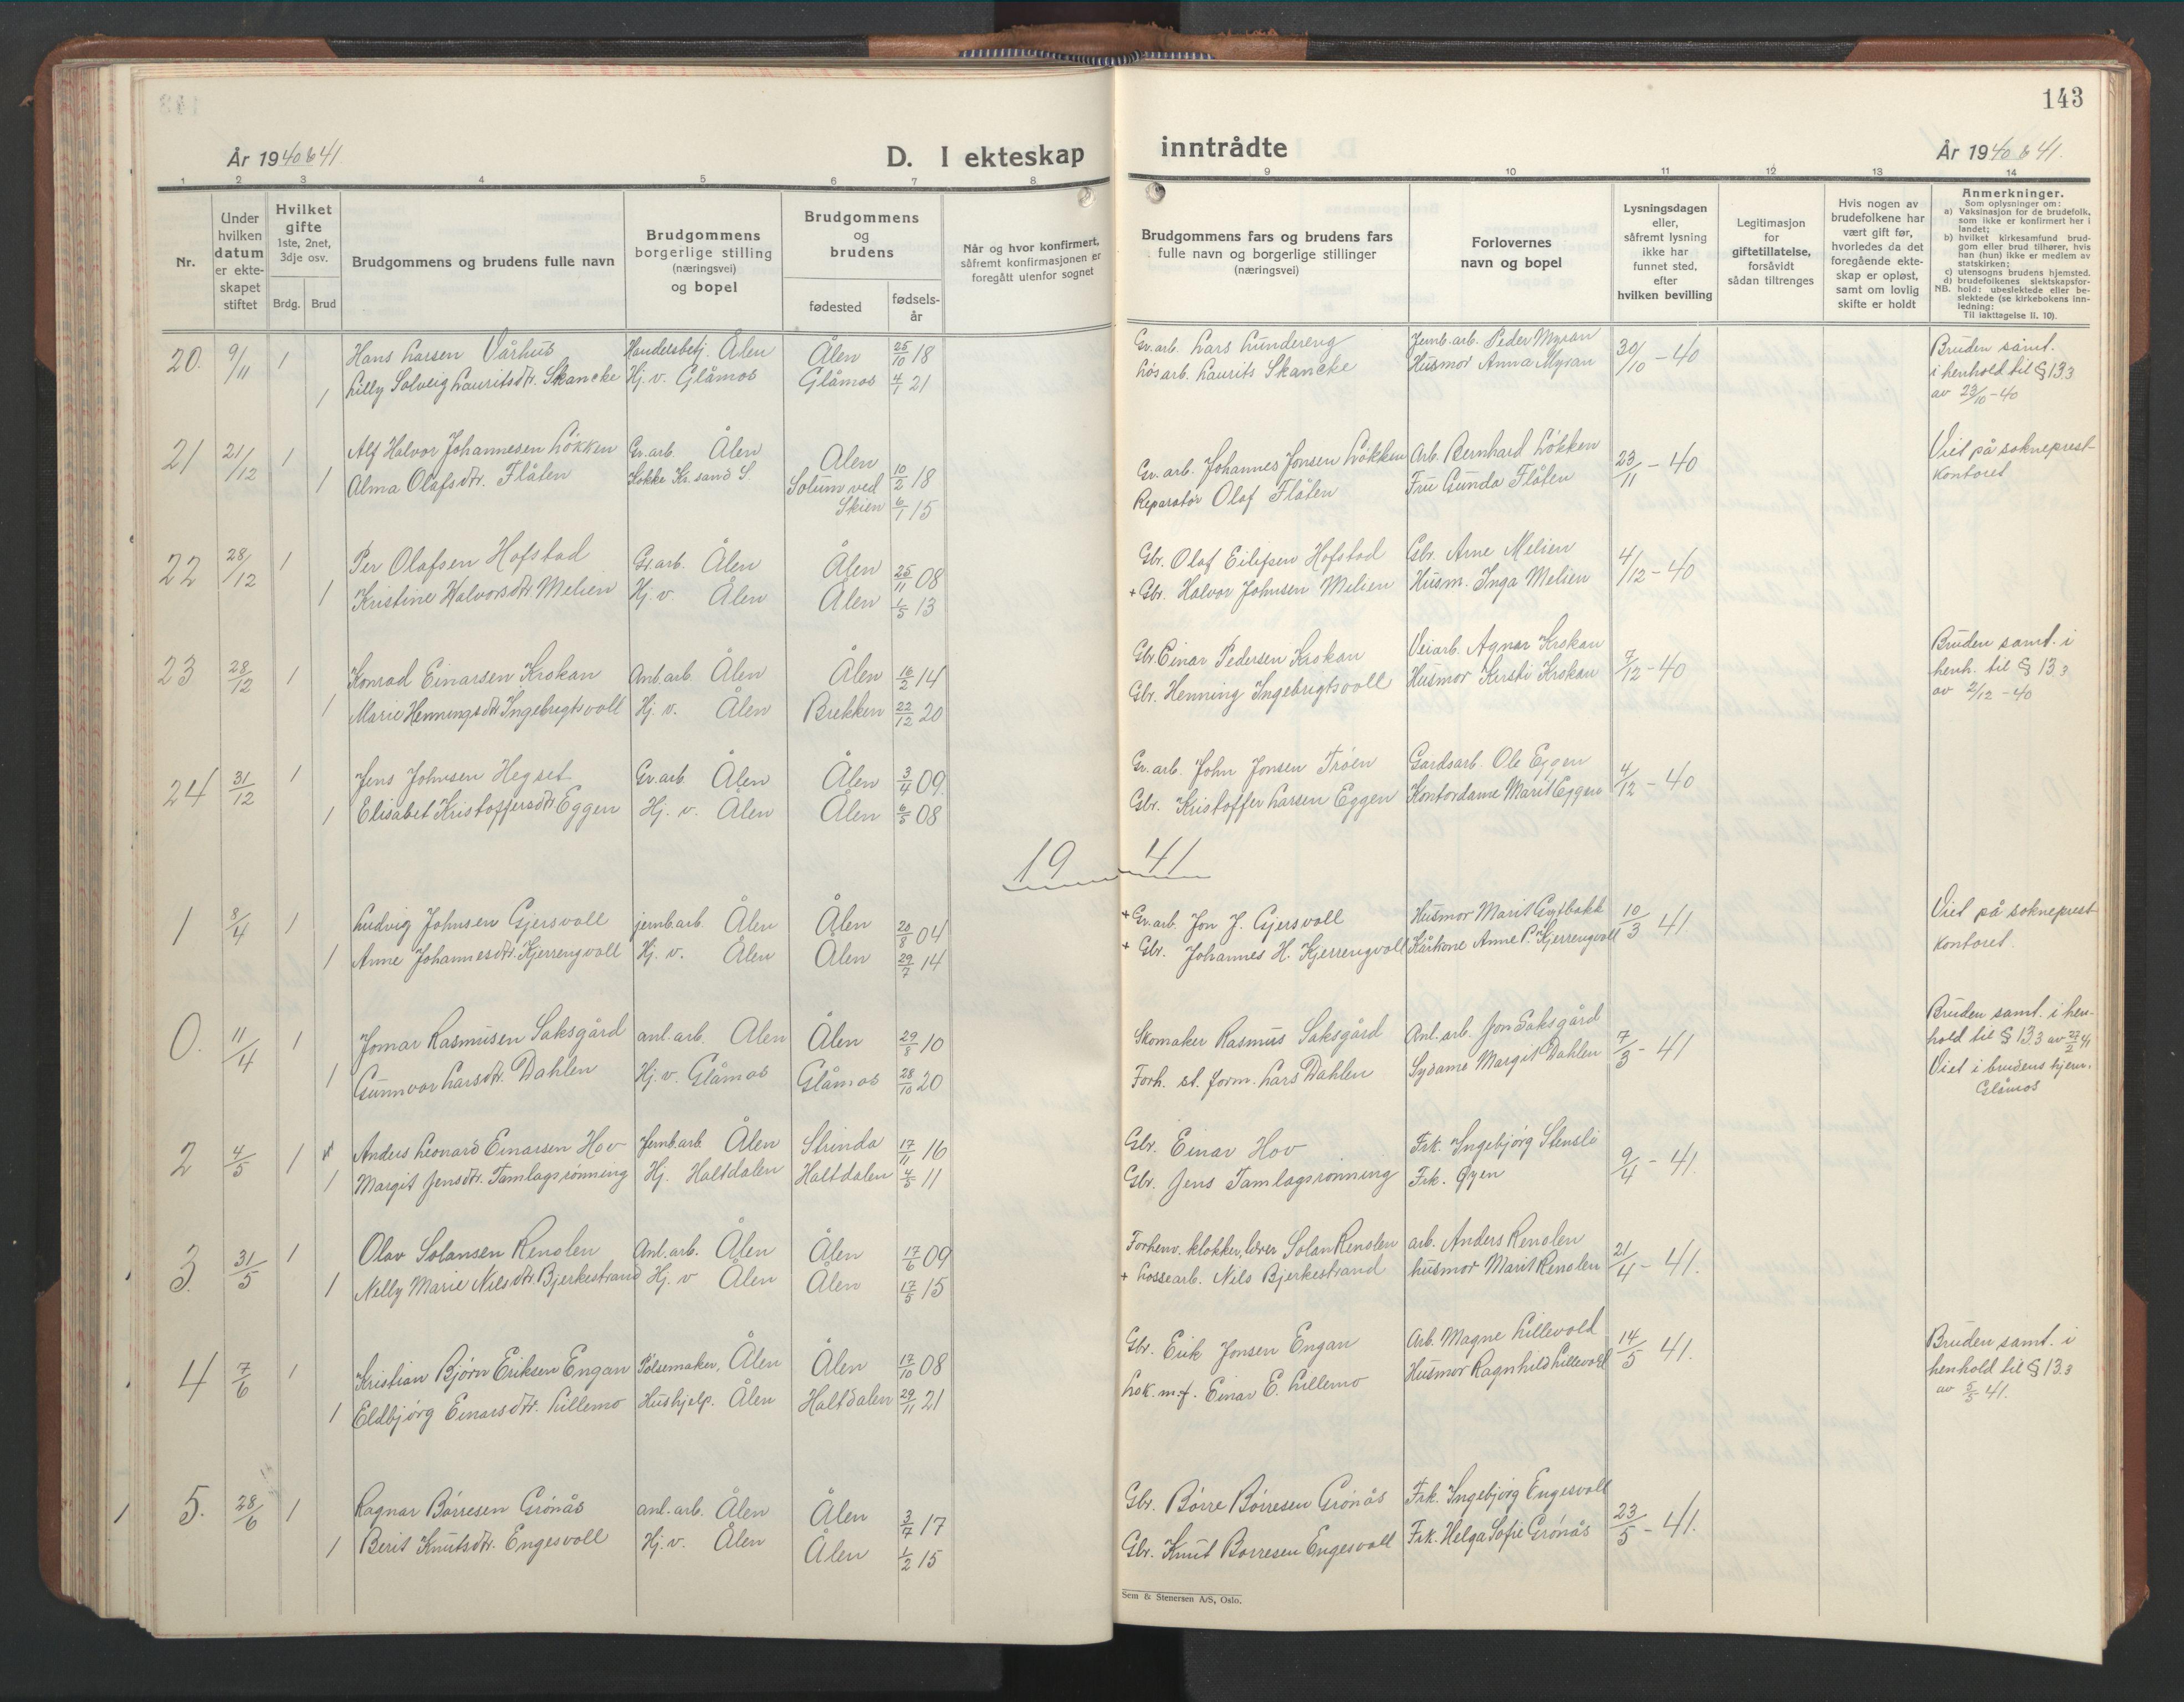 SAT, Ministerialprotokoller, klokkerbøker og fødselsregistre - Sør-Trøndelag, 686/L0986: Klokkerbok nr. 686C02, 1933-1950, s. 143